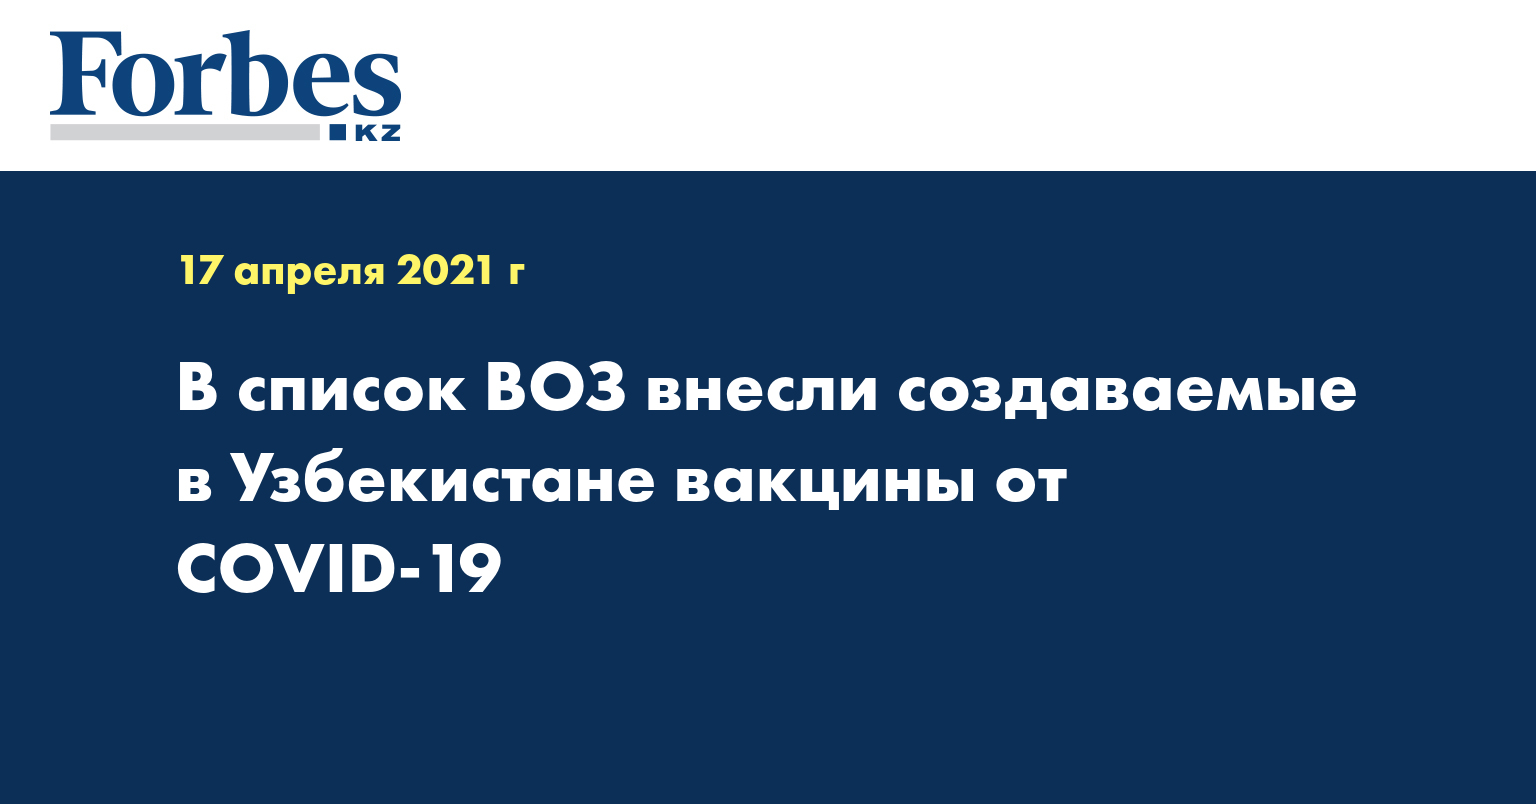 В список ВОЗ внесли создаваемые в Узбекистане вакцины от COVID-19